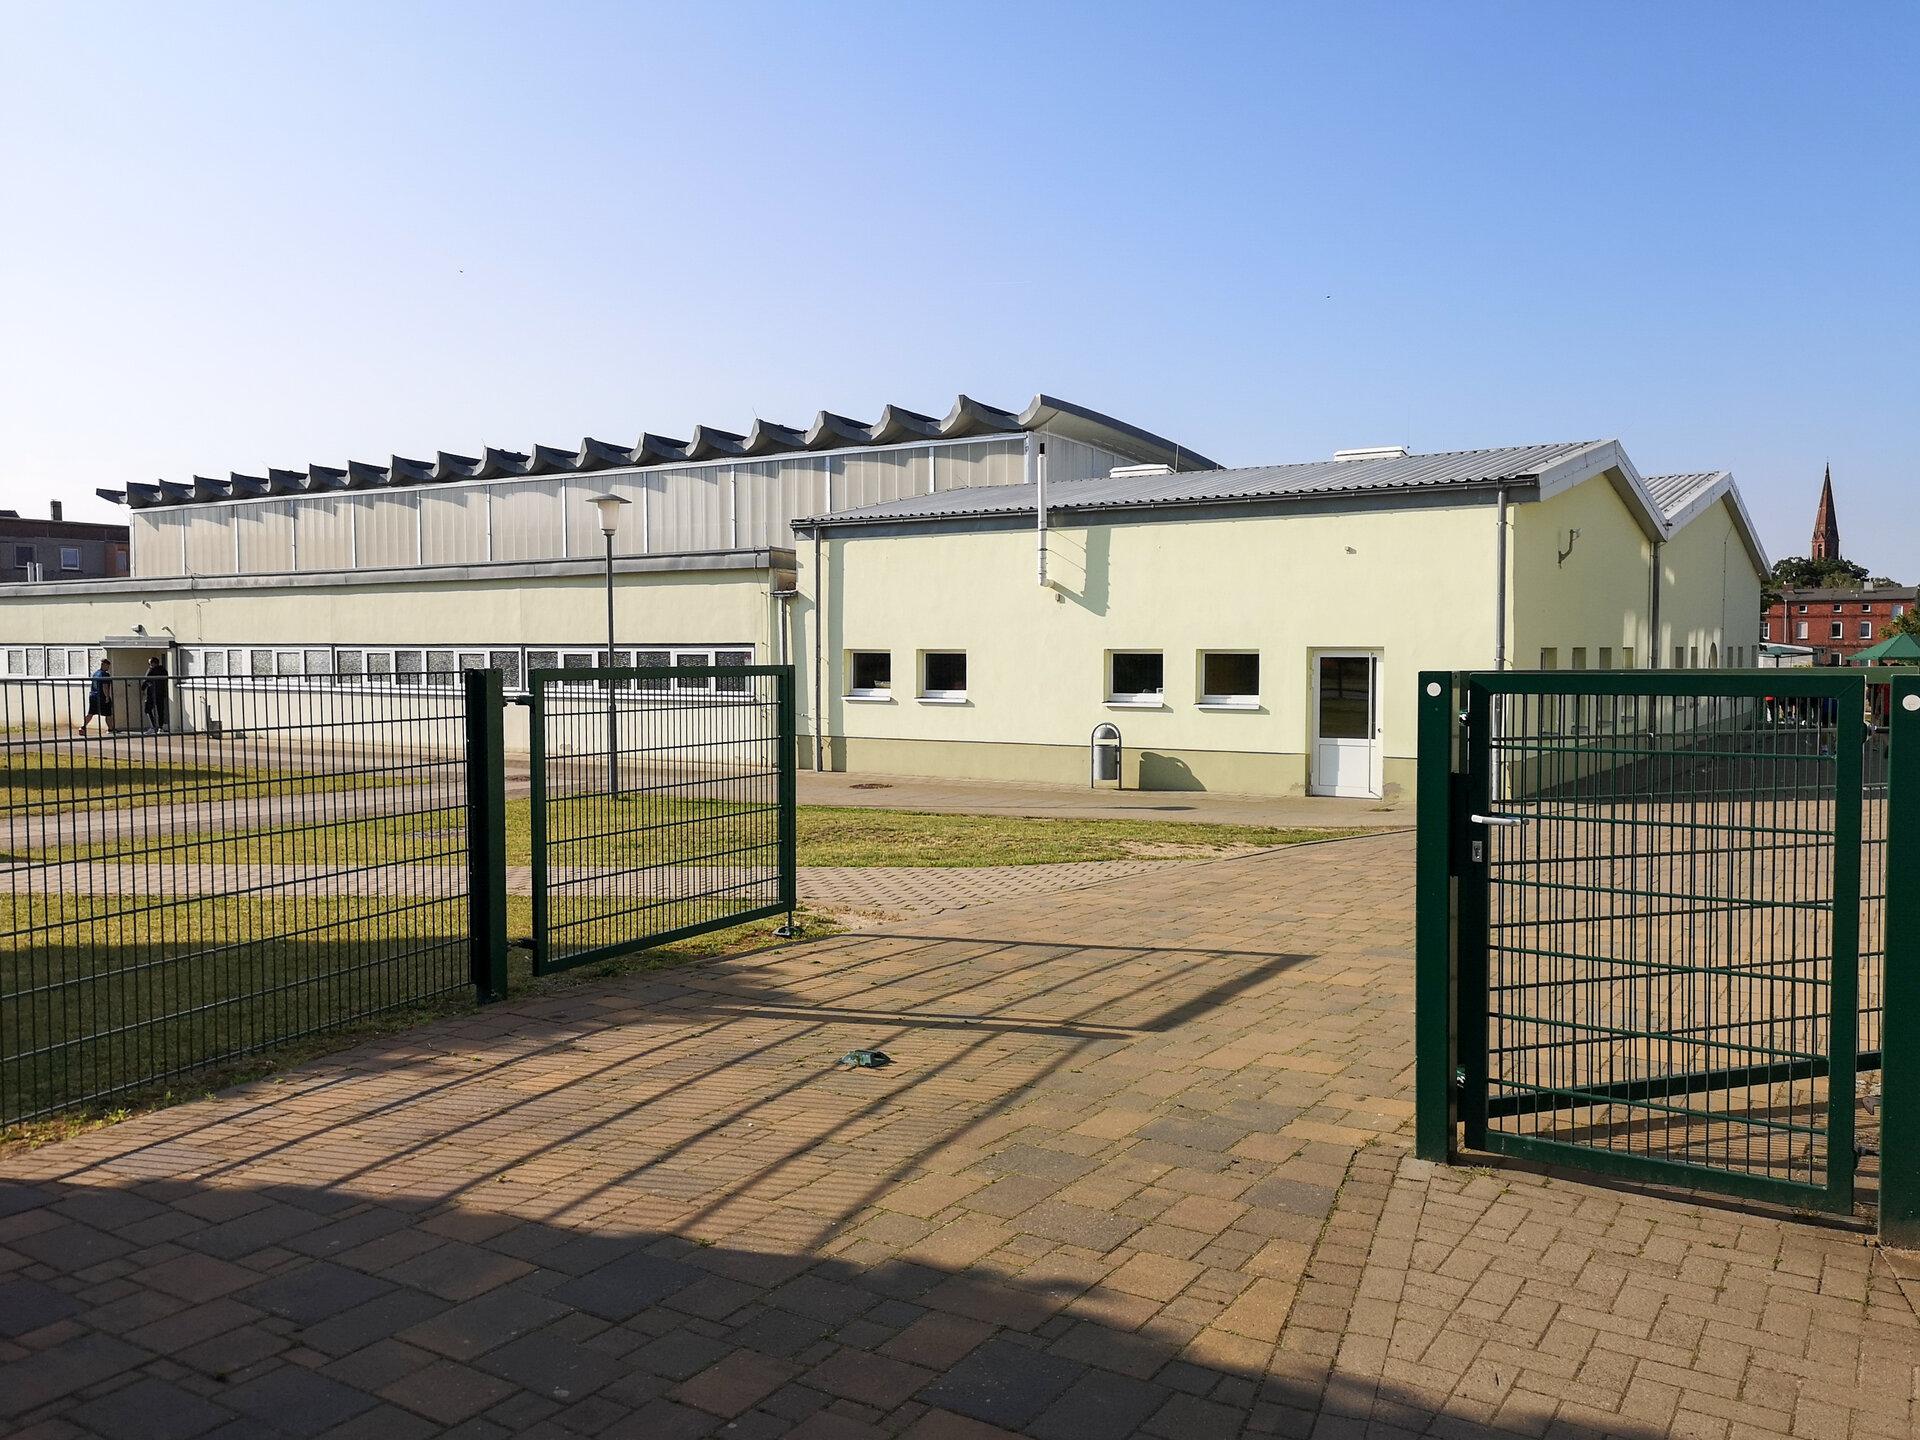 Turnhalle_Rochowschule_6-2020_1_von_1_